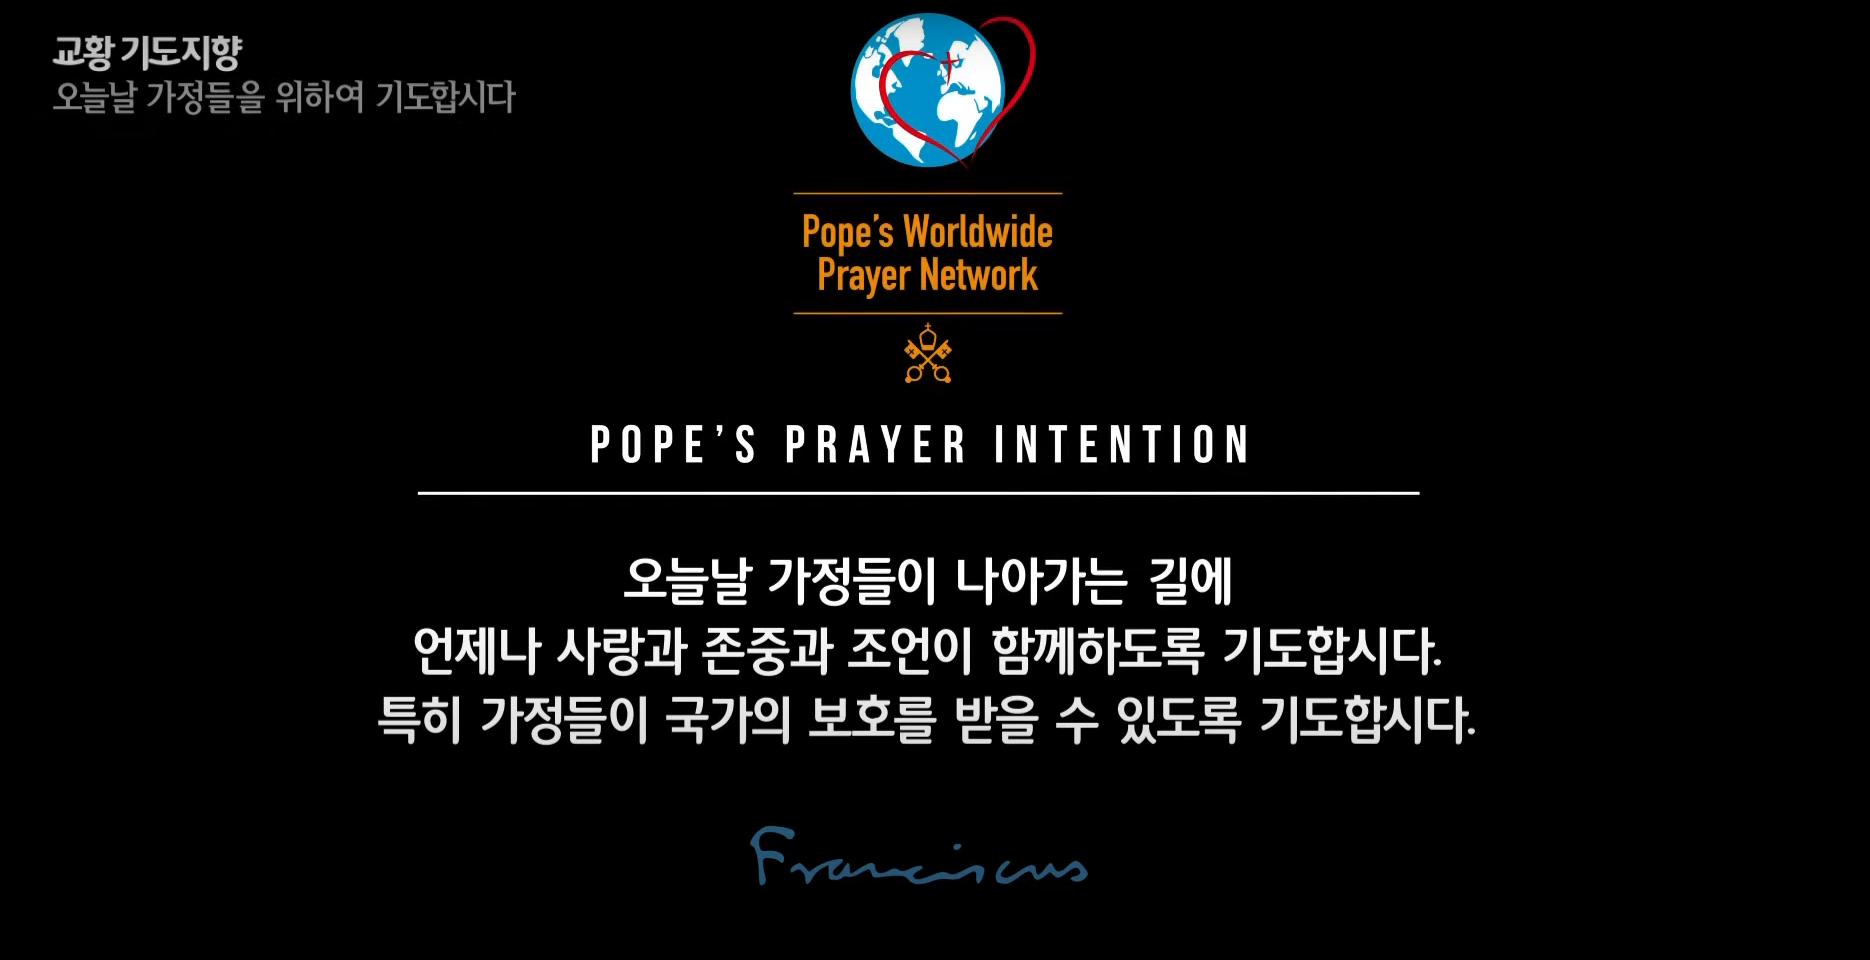 7월 : 오늘날 가정들을 위하여 기도합시다